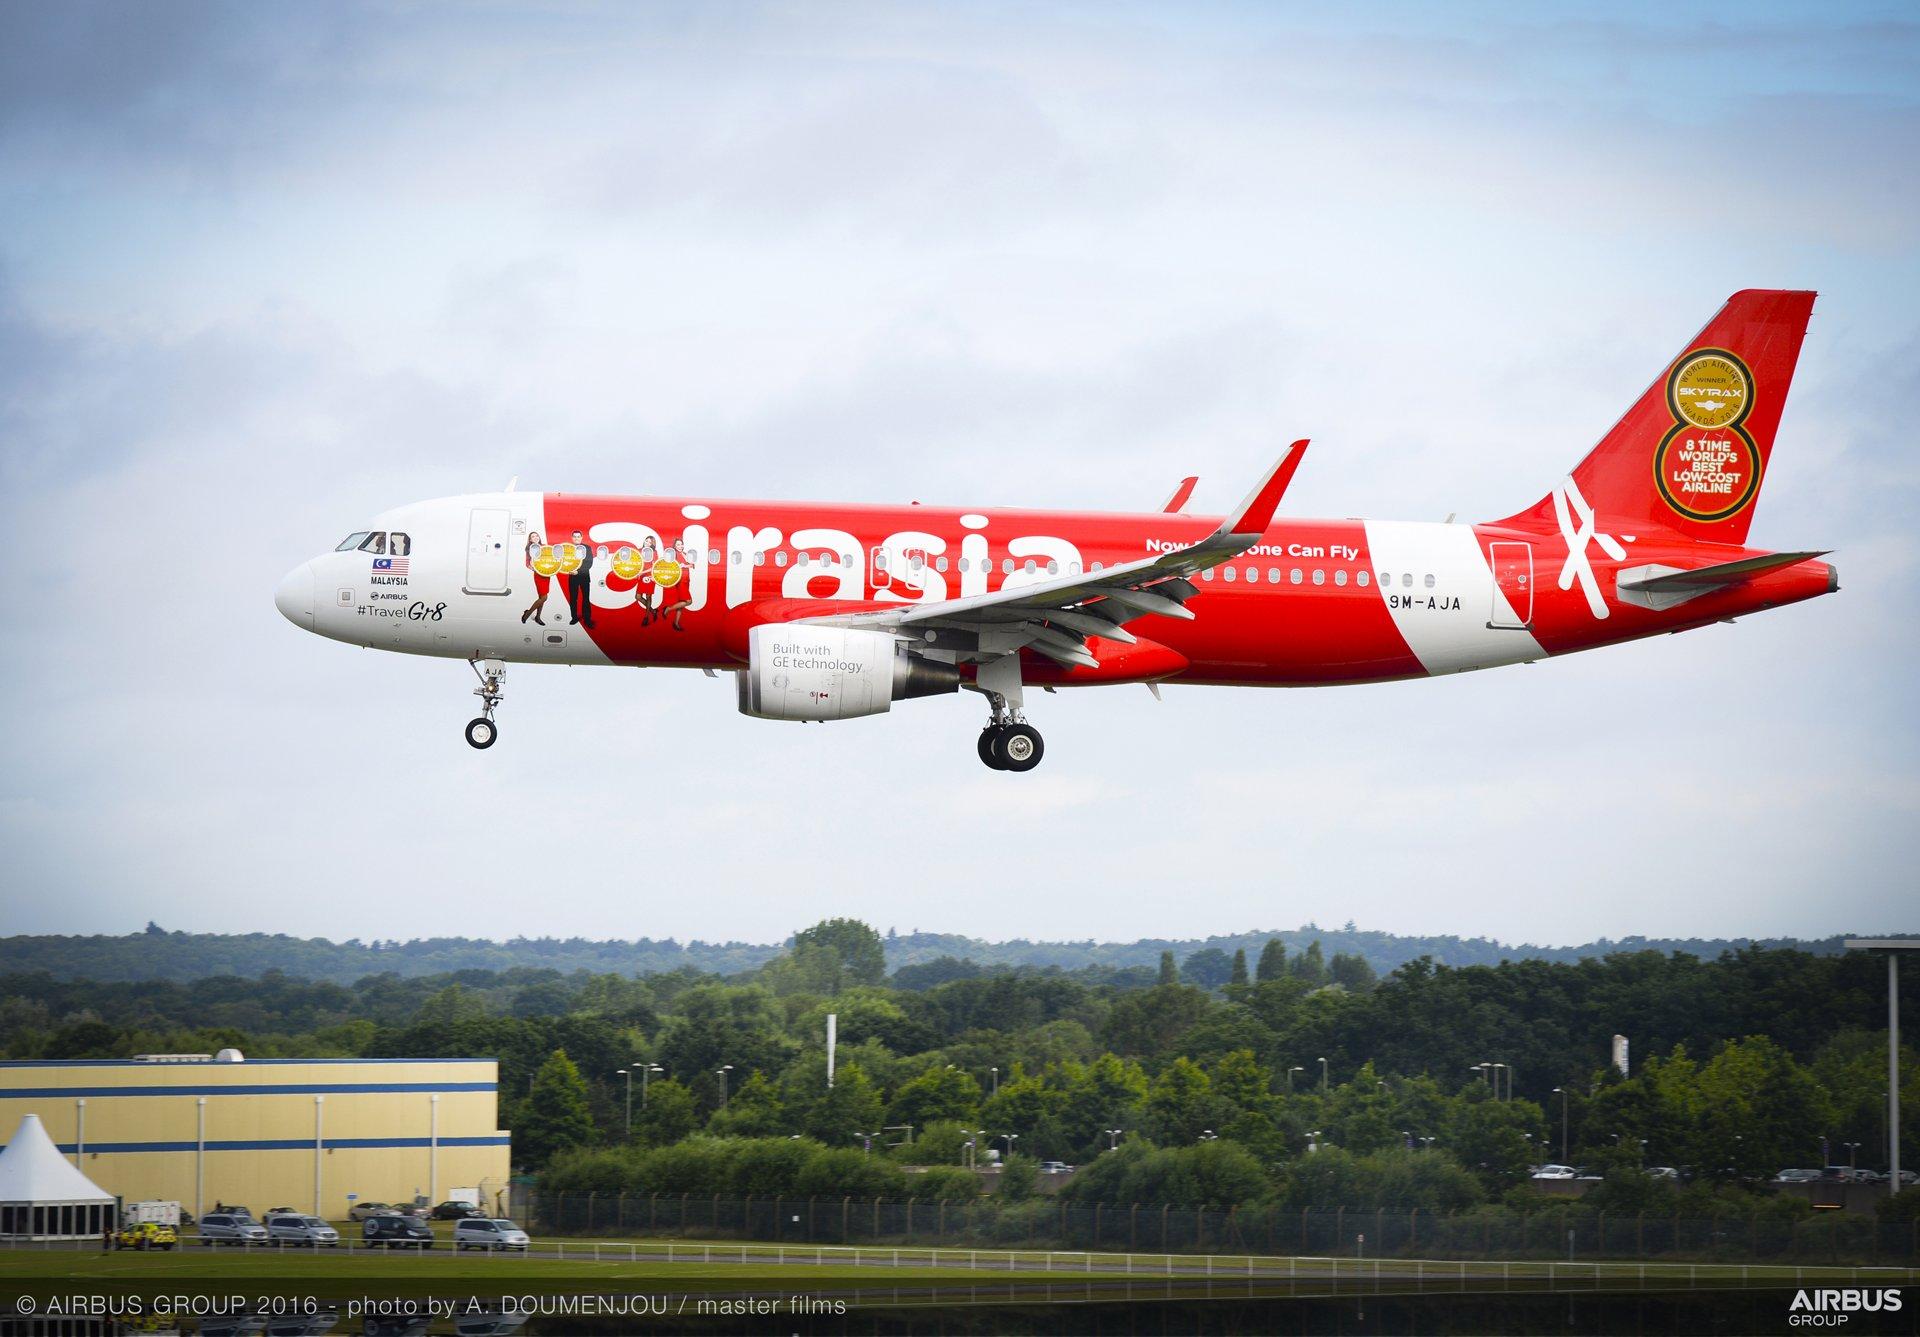 Farnborough Airshow_Day 2_AirAsia A320 arrives 2